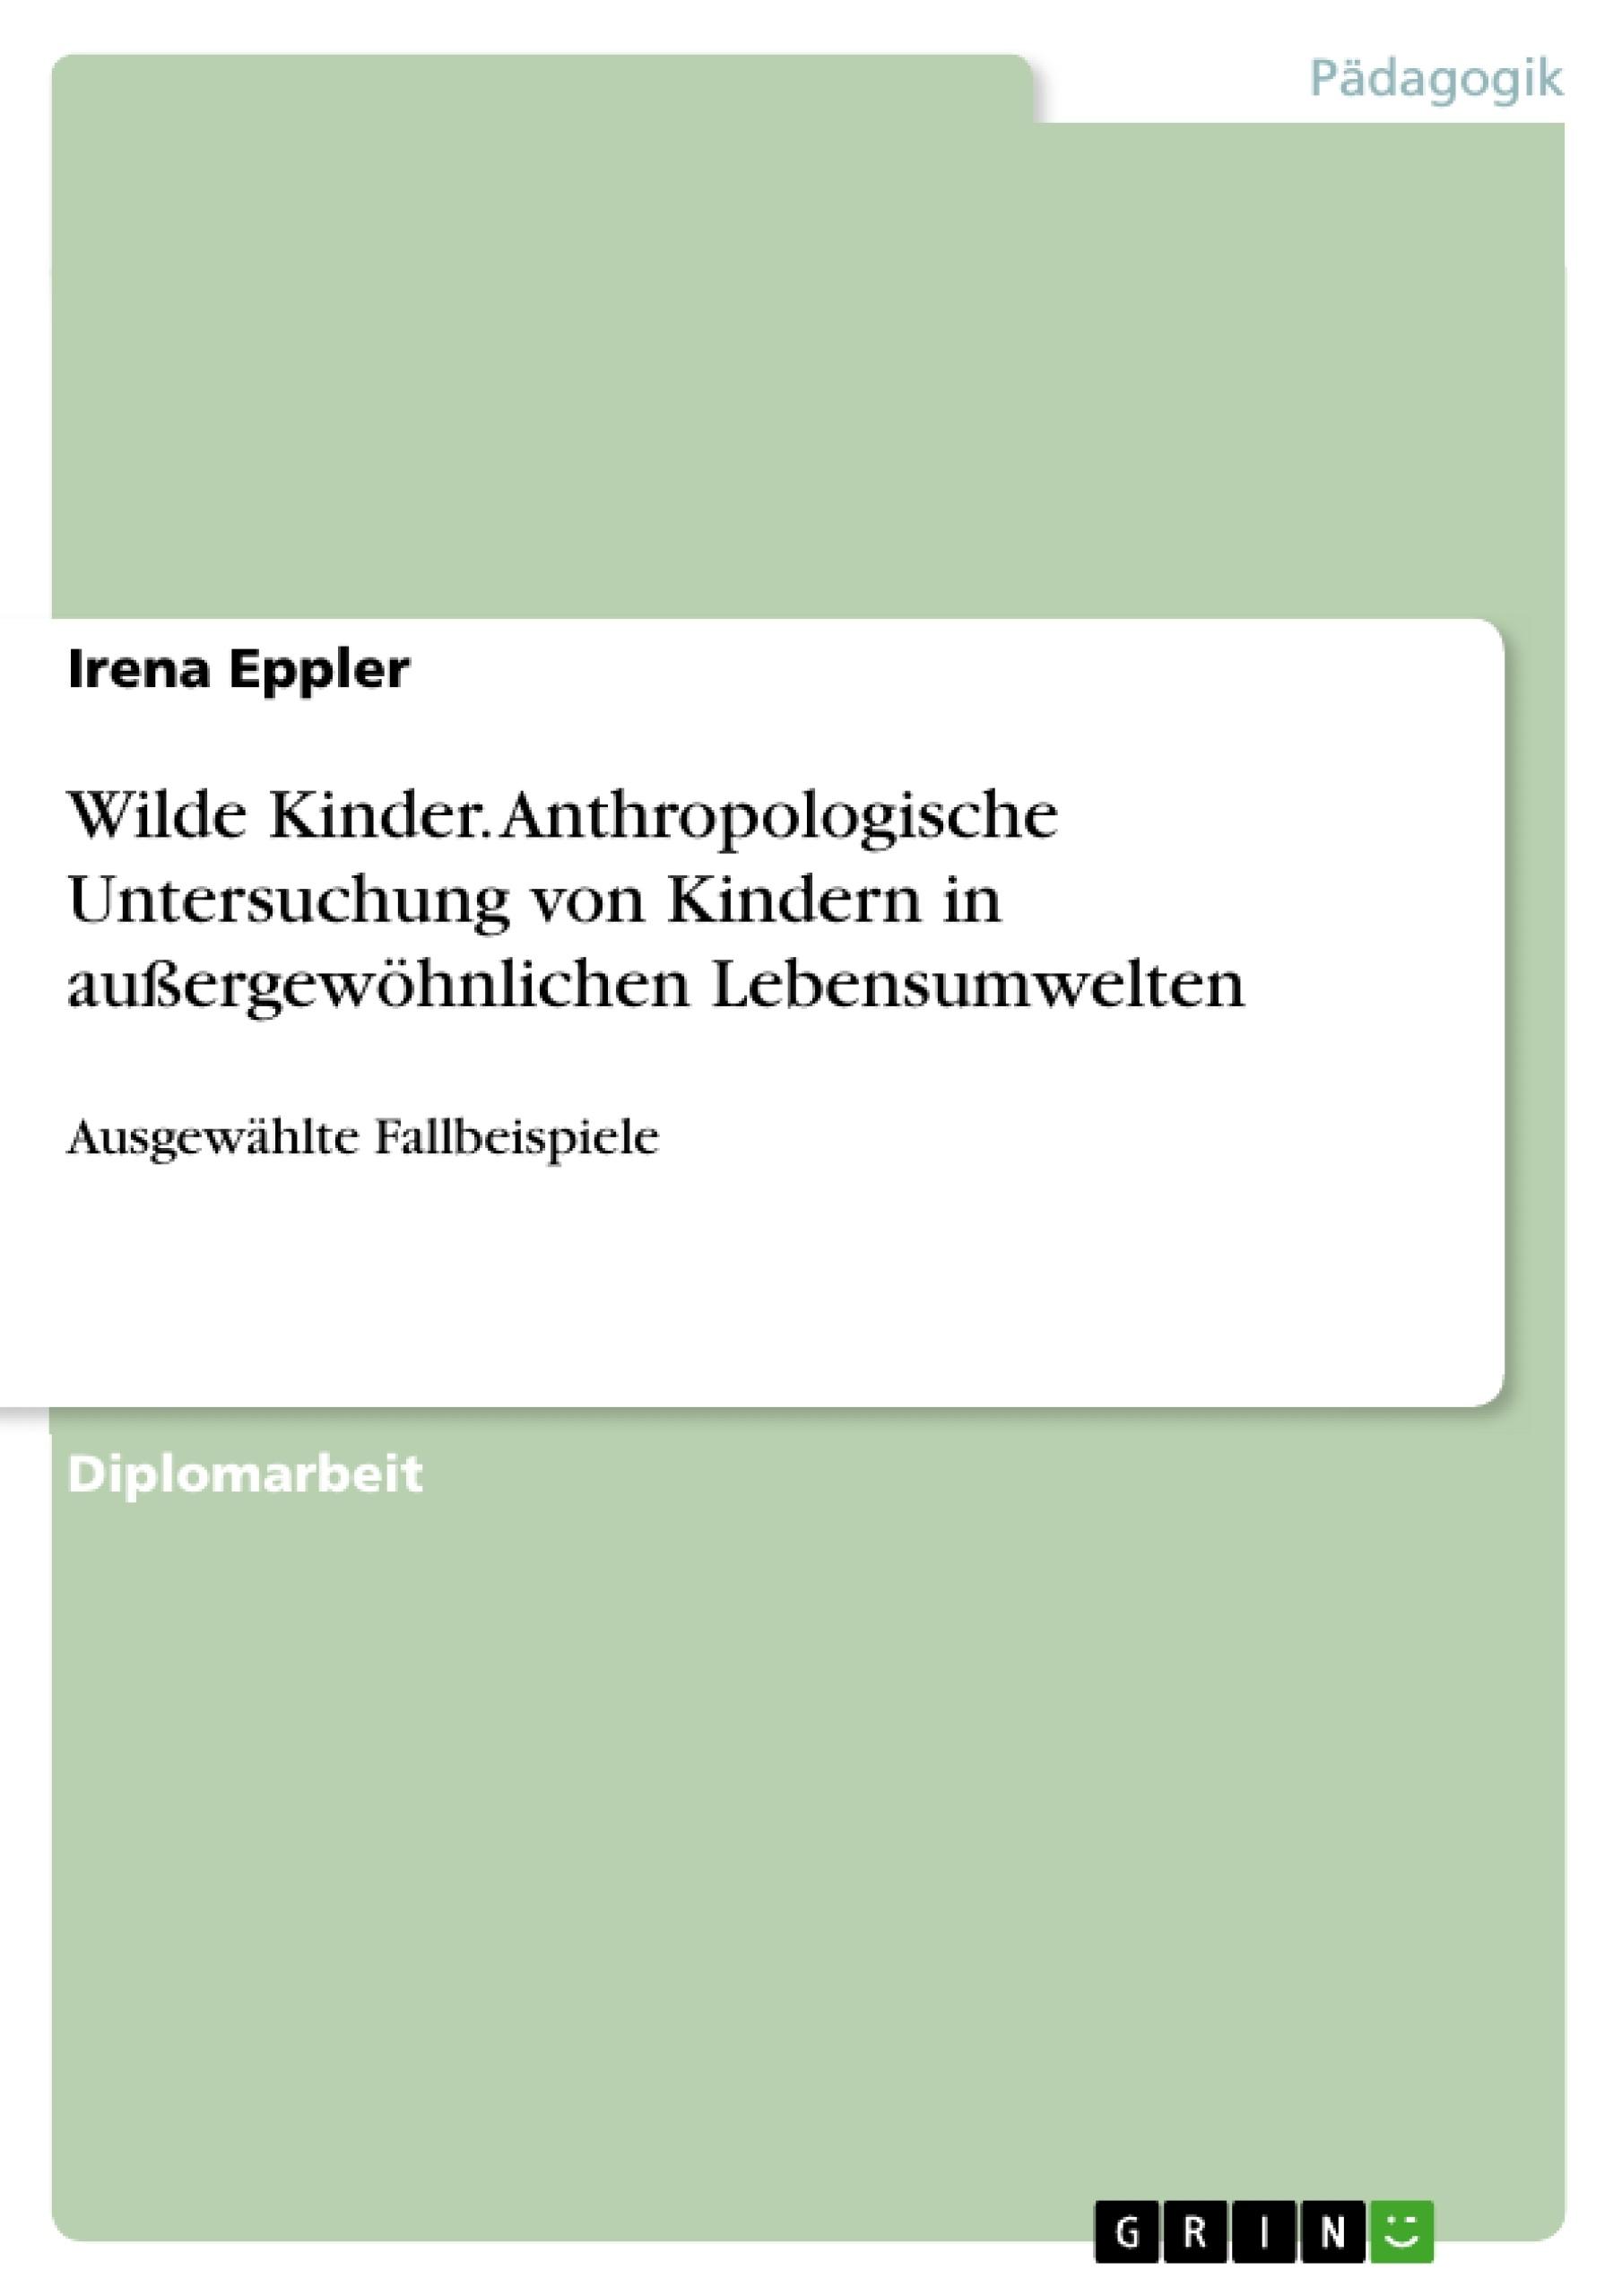 Titel: Wilde Kinder. Anthropologische Untersuchung von Kindern in außergewöhnlichen Lebensumwelten